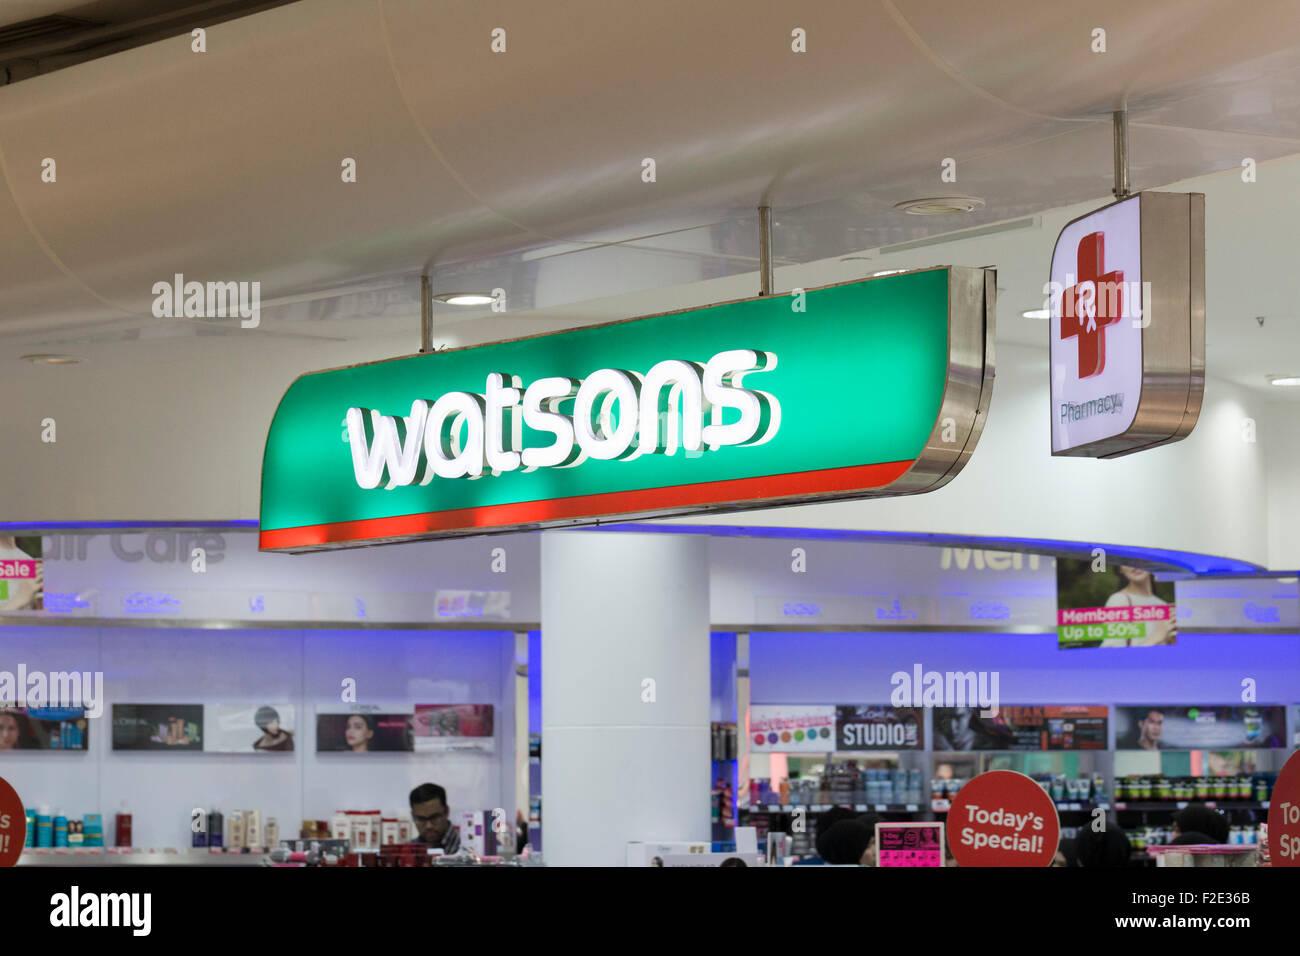 Watsons shop - Stock Image